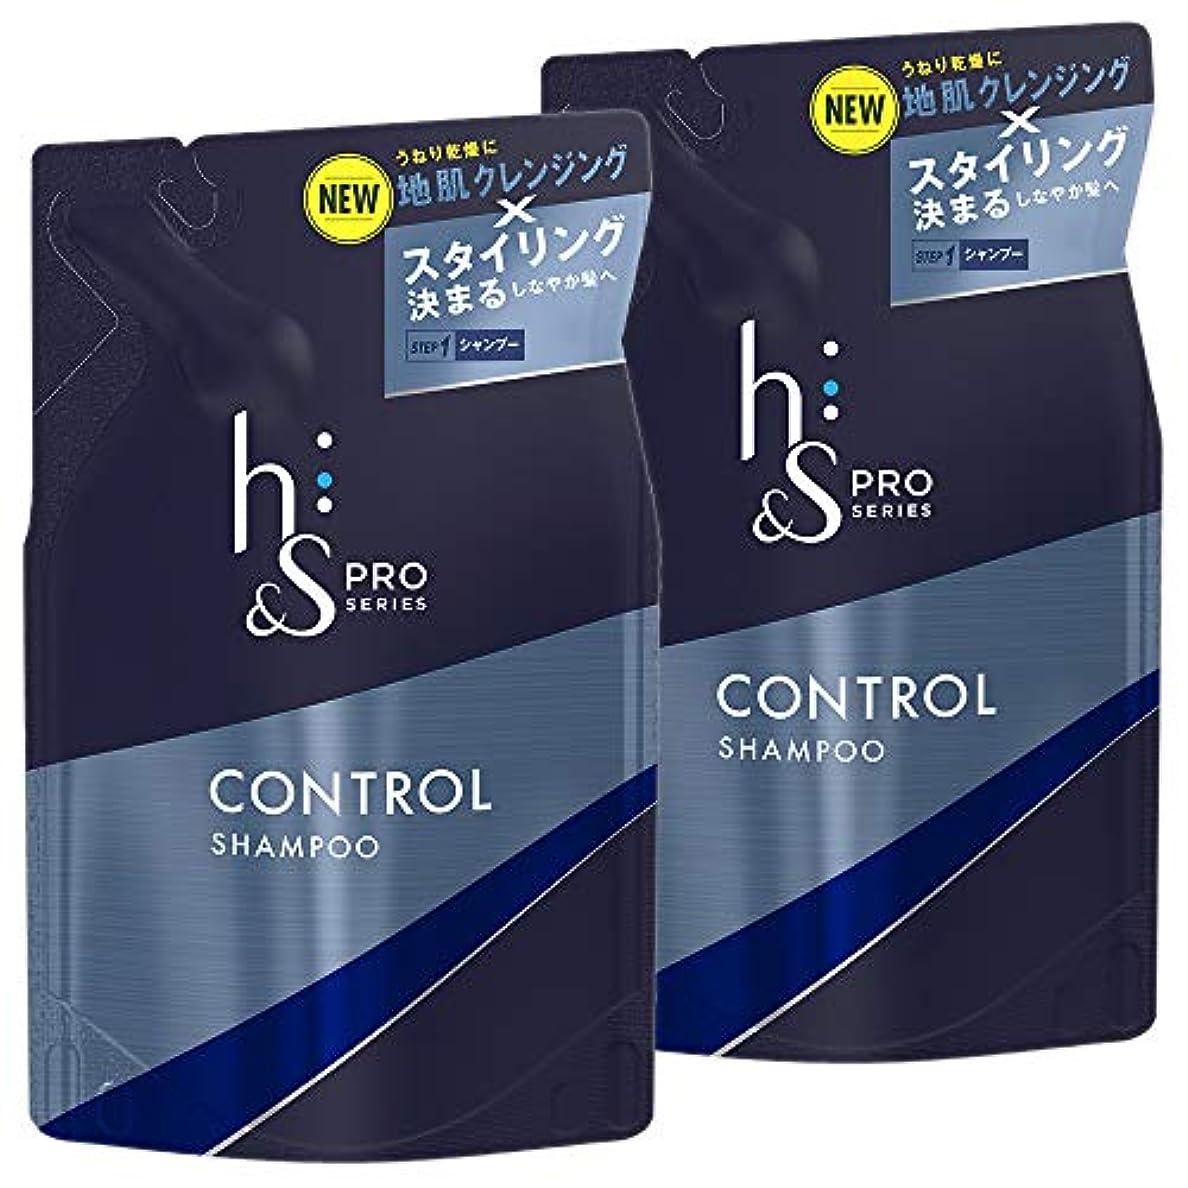 精査する赤ちゃん昇る【まとめ買い】 h&s for men シャンプー PRO Series コントロール 詰め替え 300mL×2個